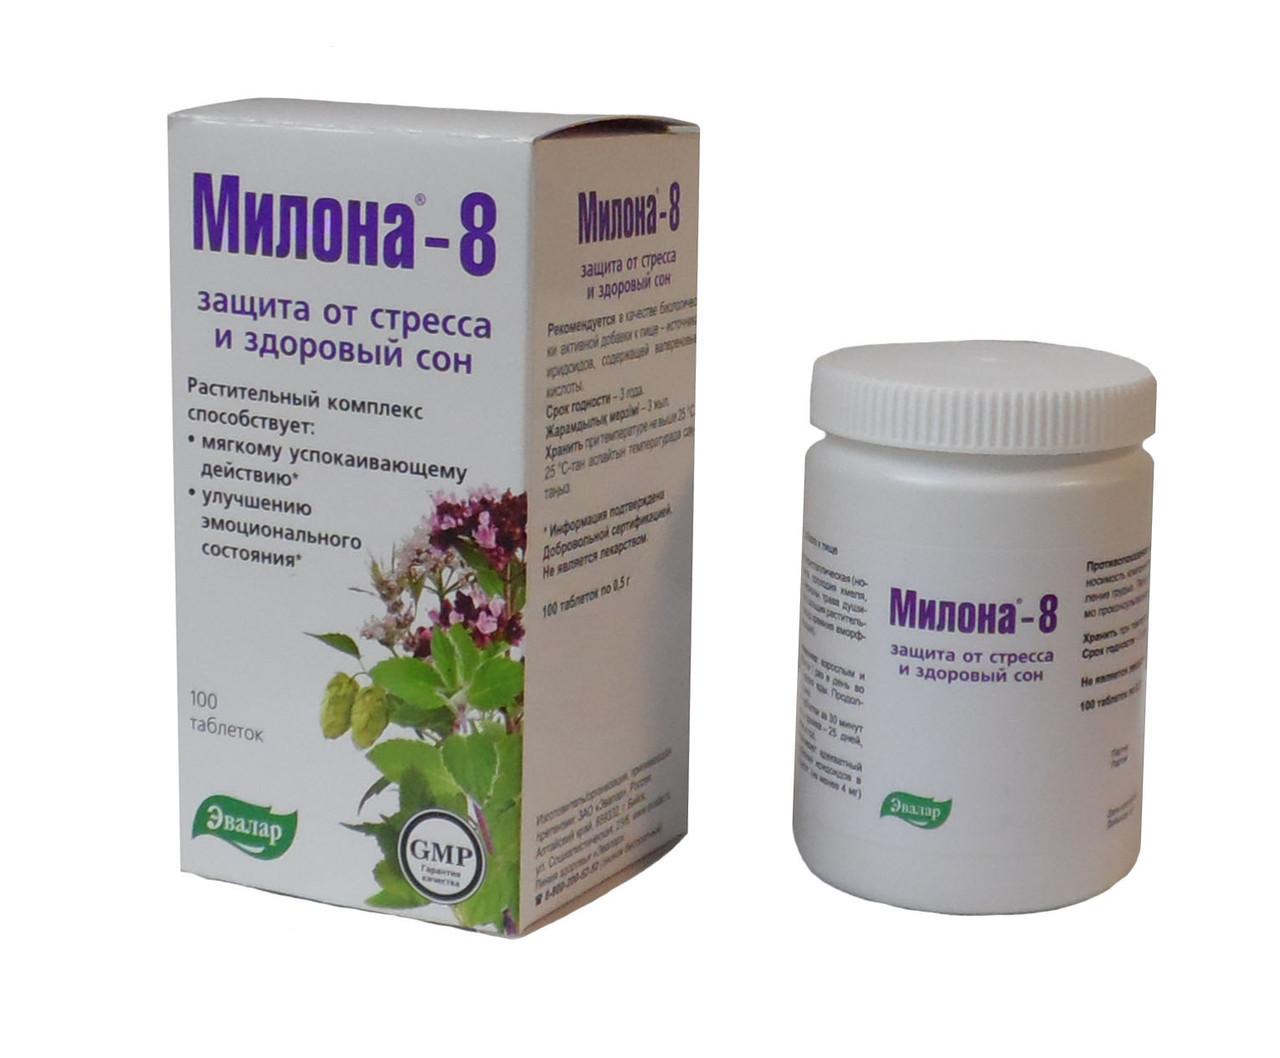 Милона-8 защита от стресса и здоровый сон 100 таблеток Эвалар